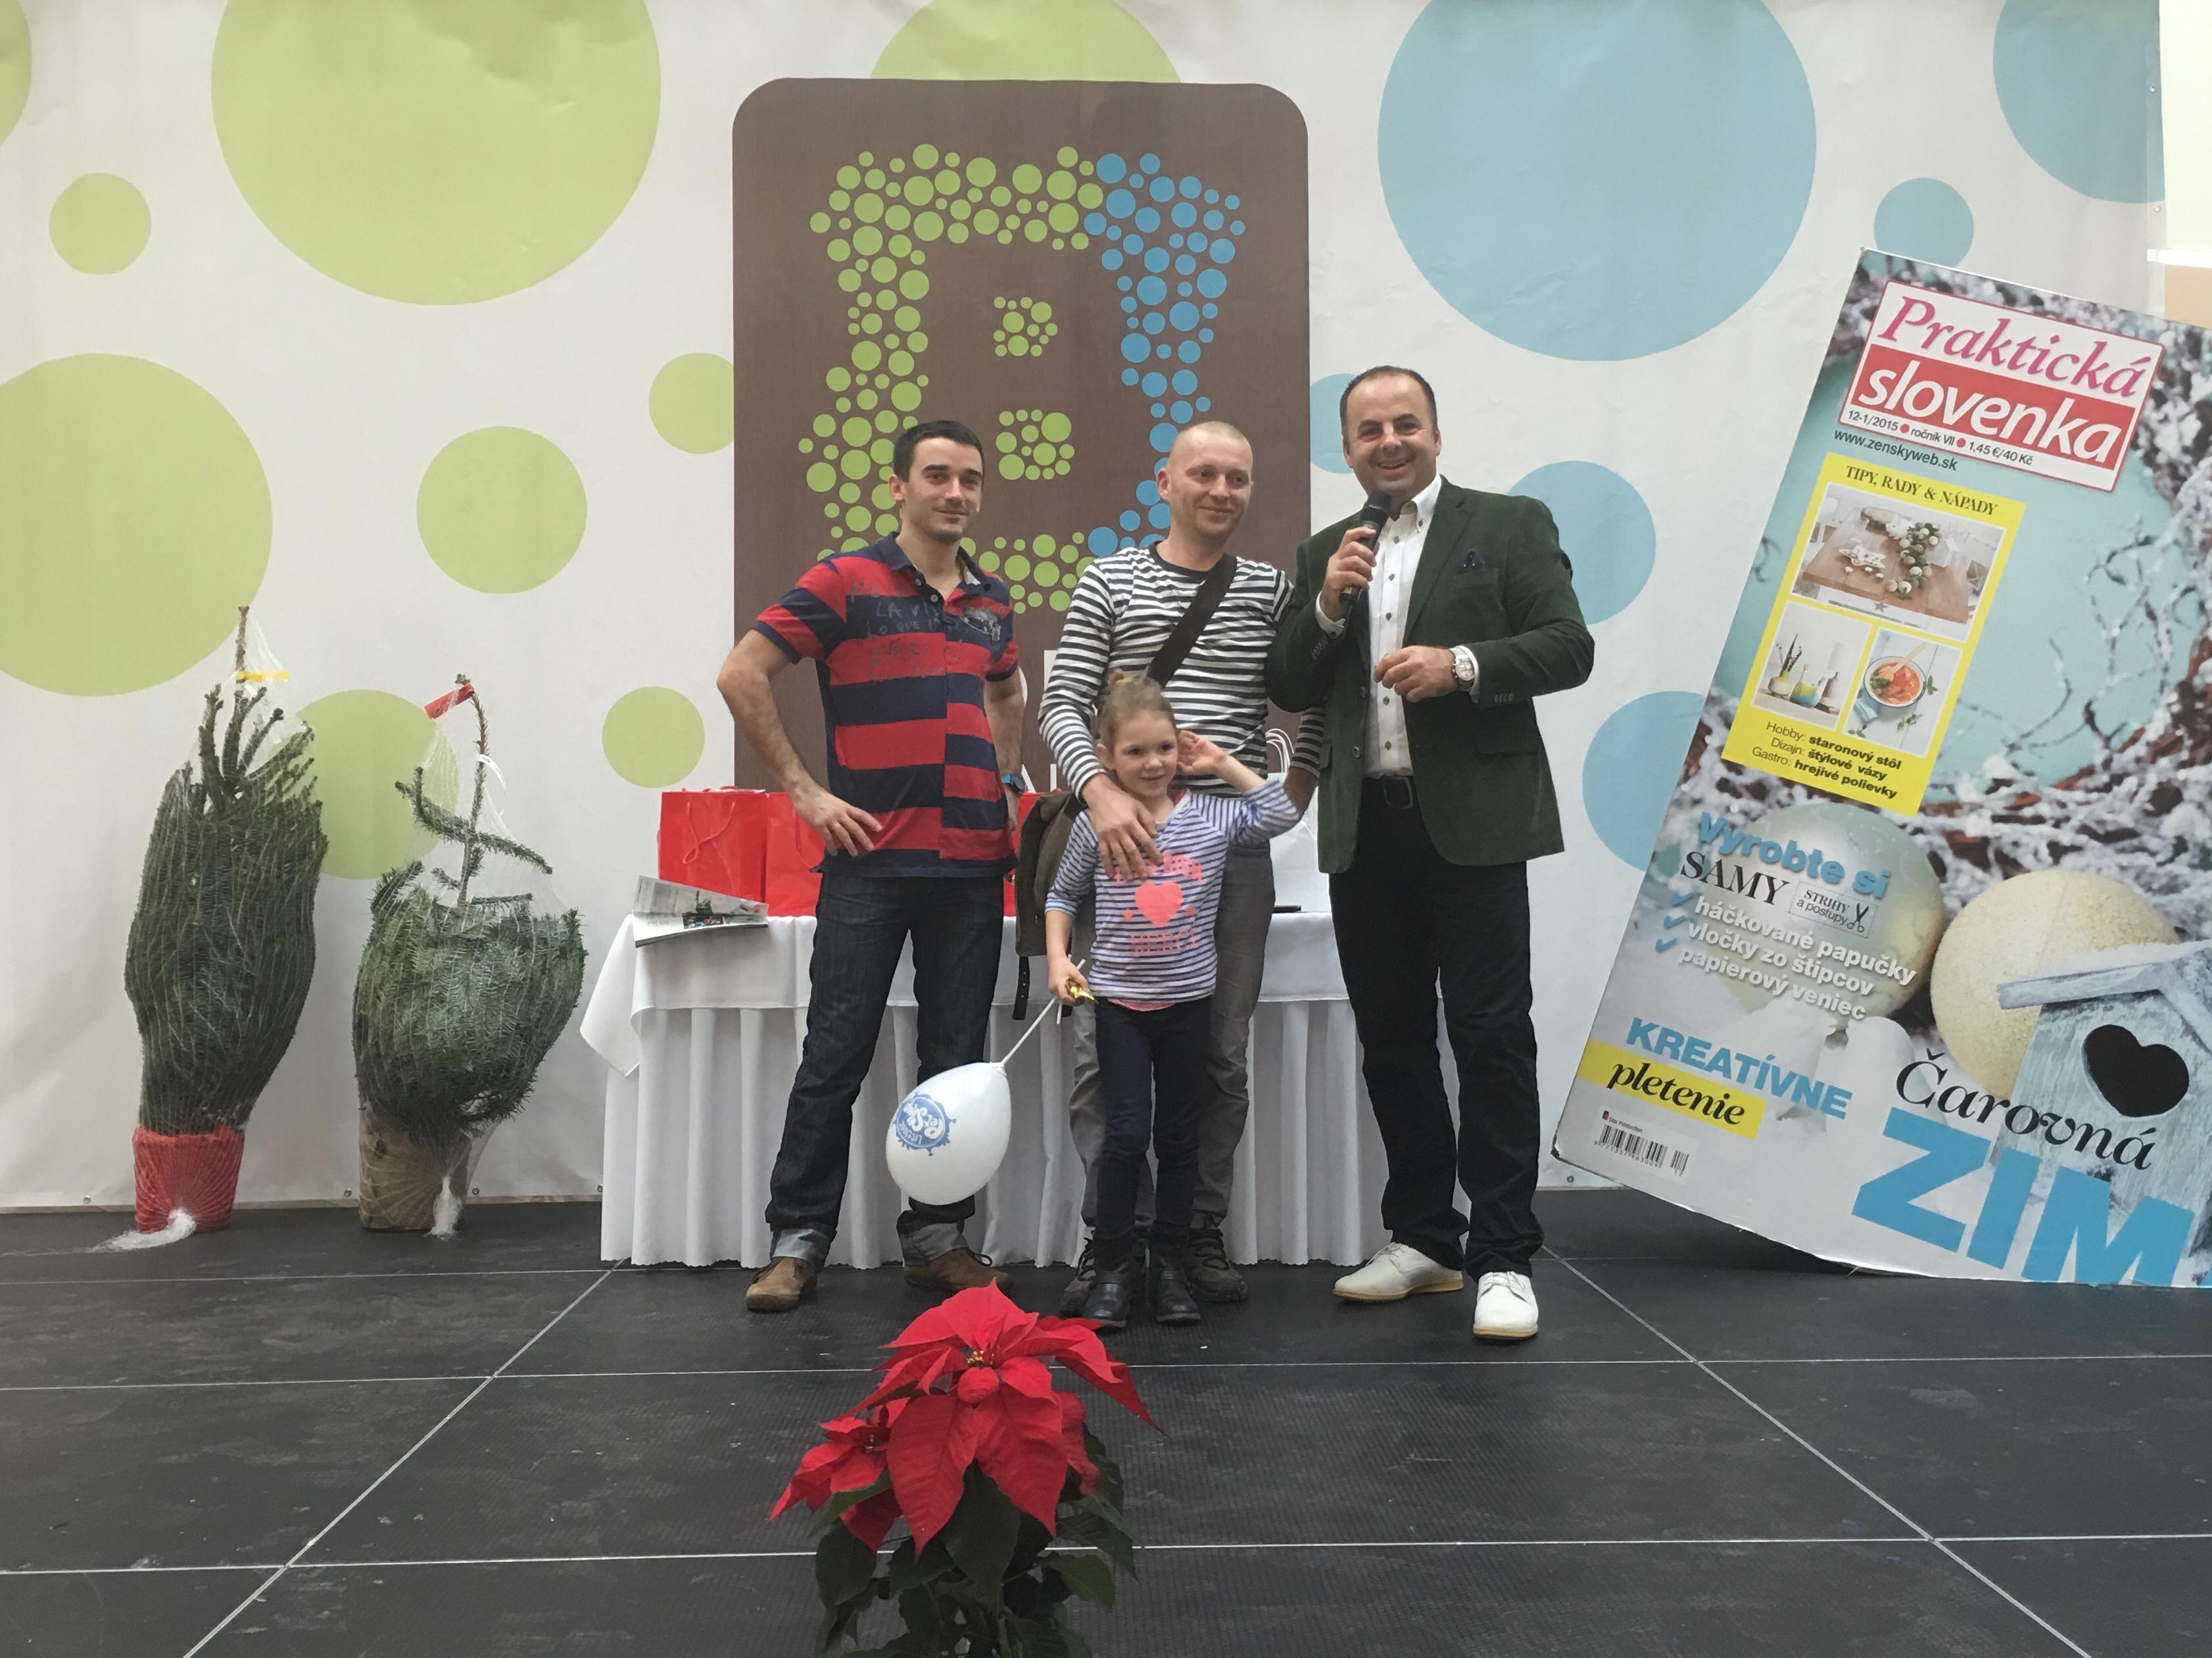 Vianocny program v Bory mall s Praktickou Slovenkou. 13.december 2015.Bratislava